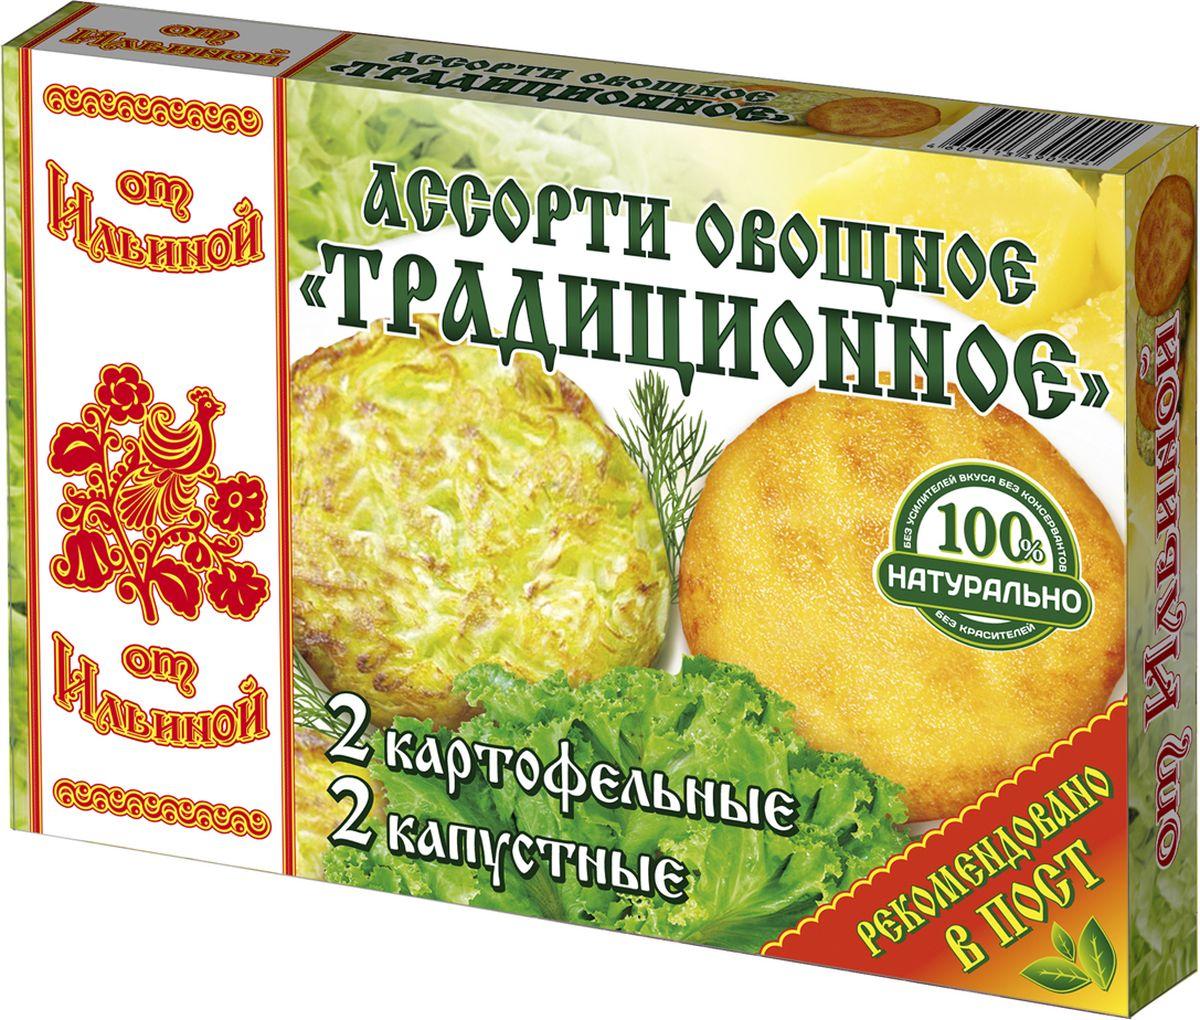 От Ильиной Традиционное овощное ассорти: котлеты из картофеля, капустные , 300 г